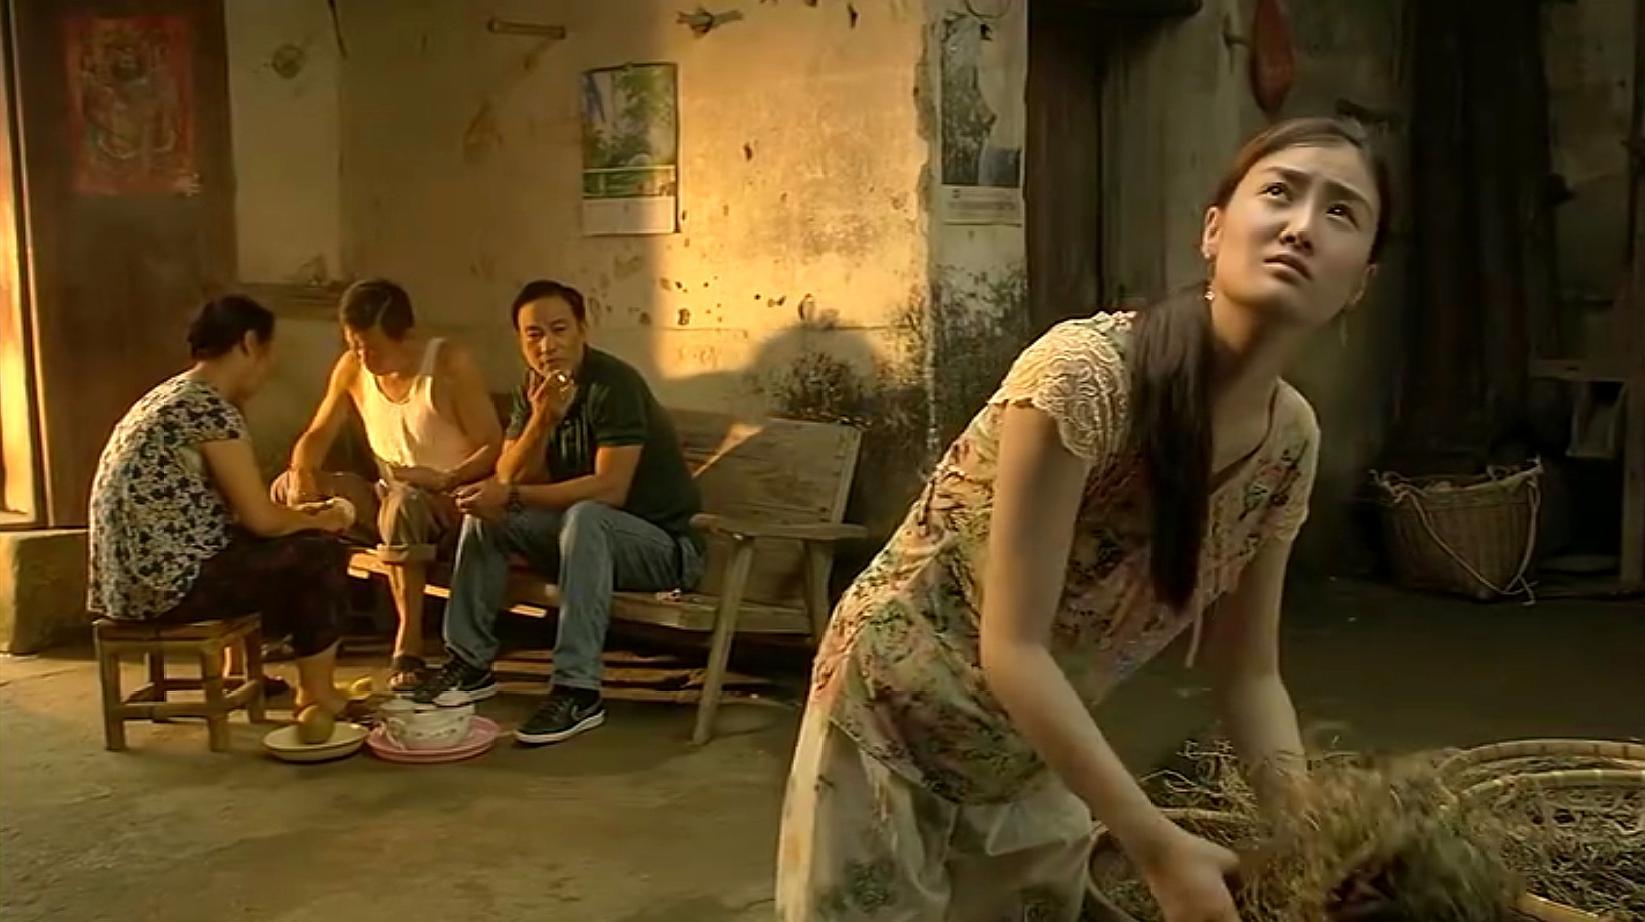 一部毫无人性的香港犯罪电影,不敢看第二遍,怕控制不住情绪